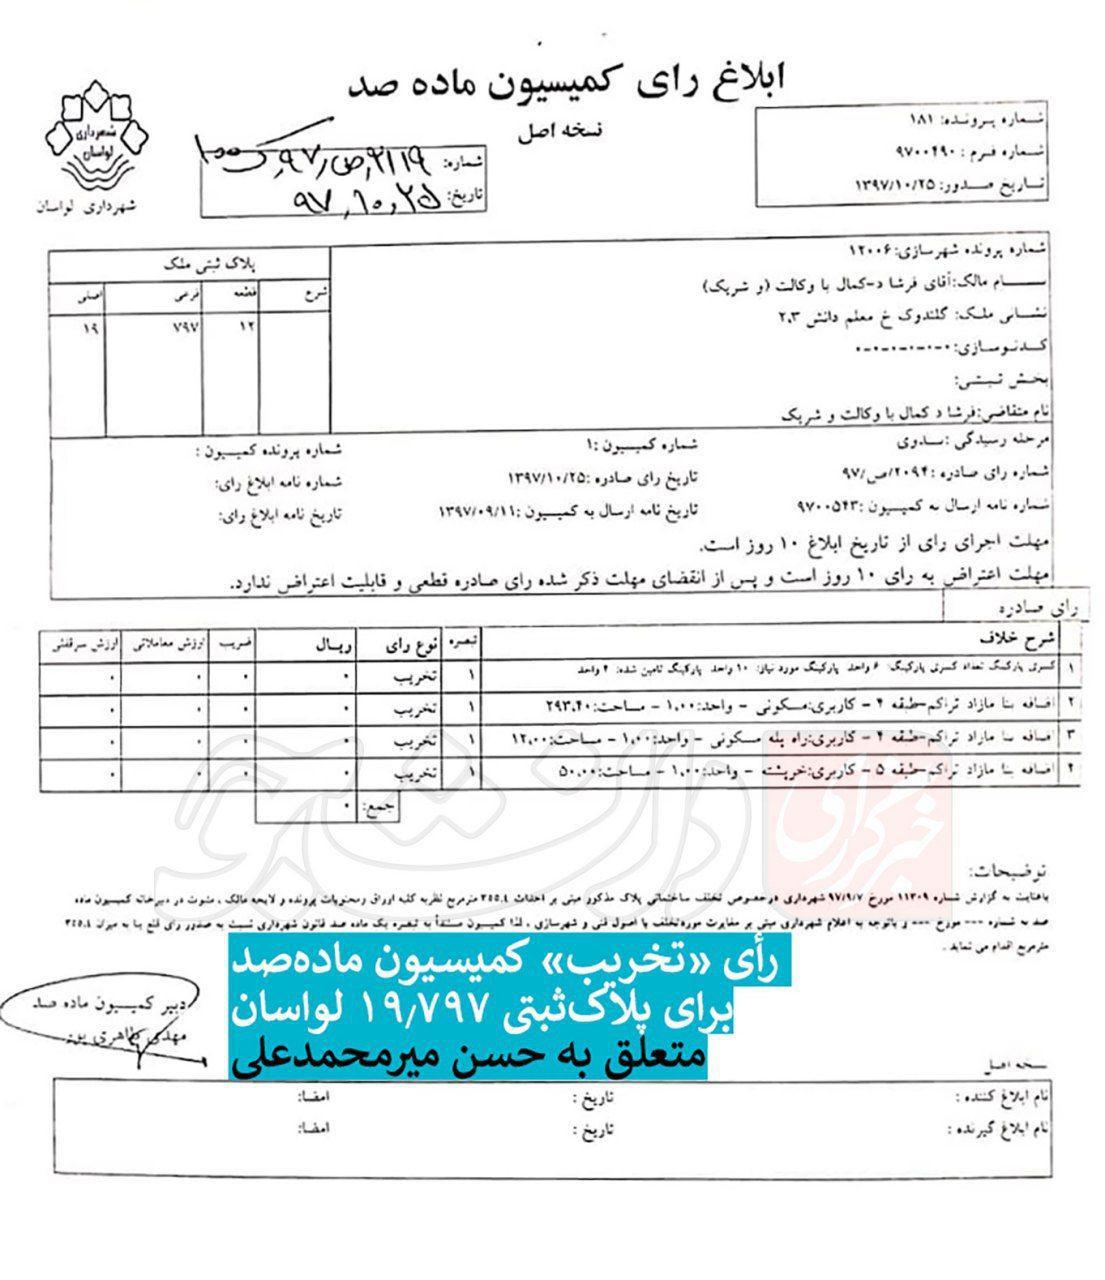 تخریب ویلای داماد شمخانی در دستور کار قرار گرفت +سند